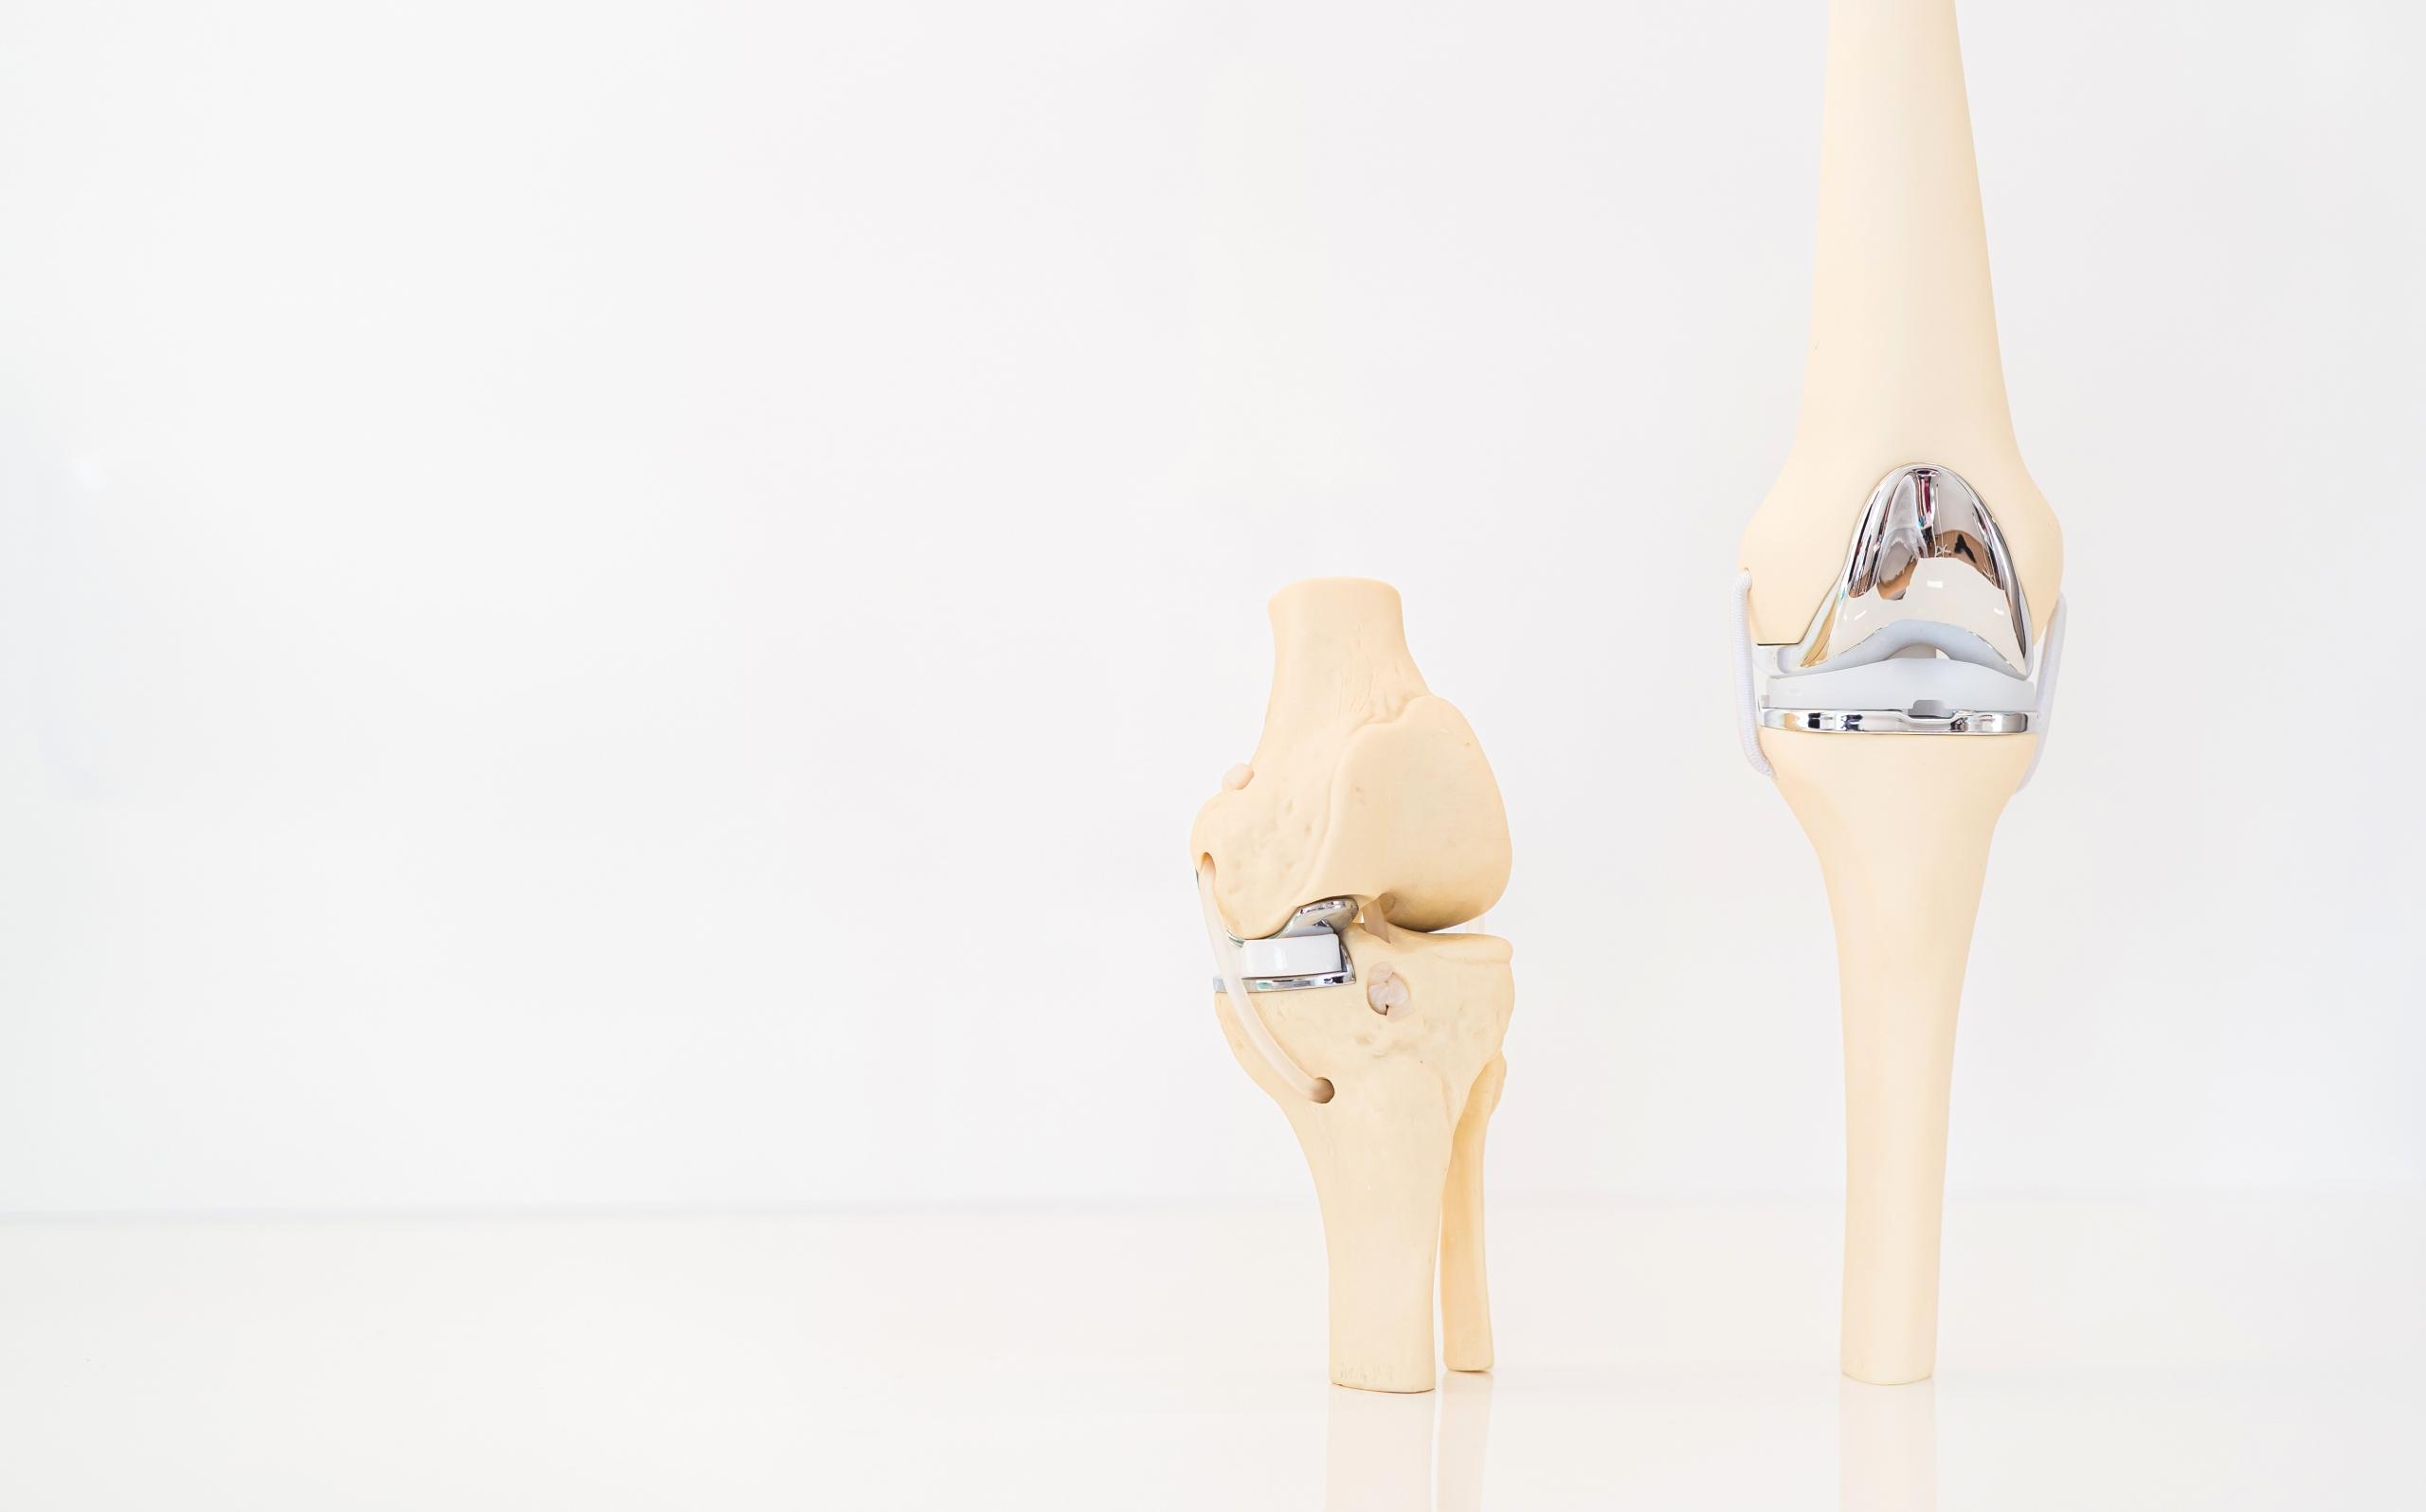 neues Kniegelenk Salzburg Dr. Planitzer